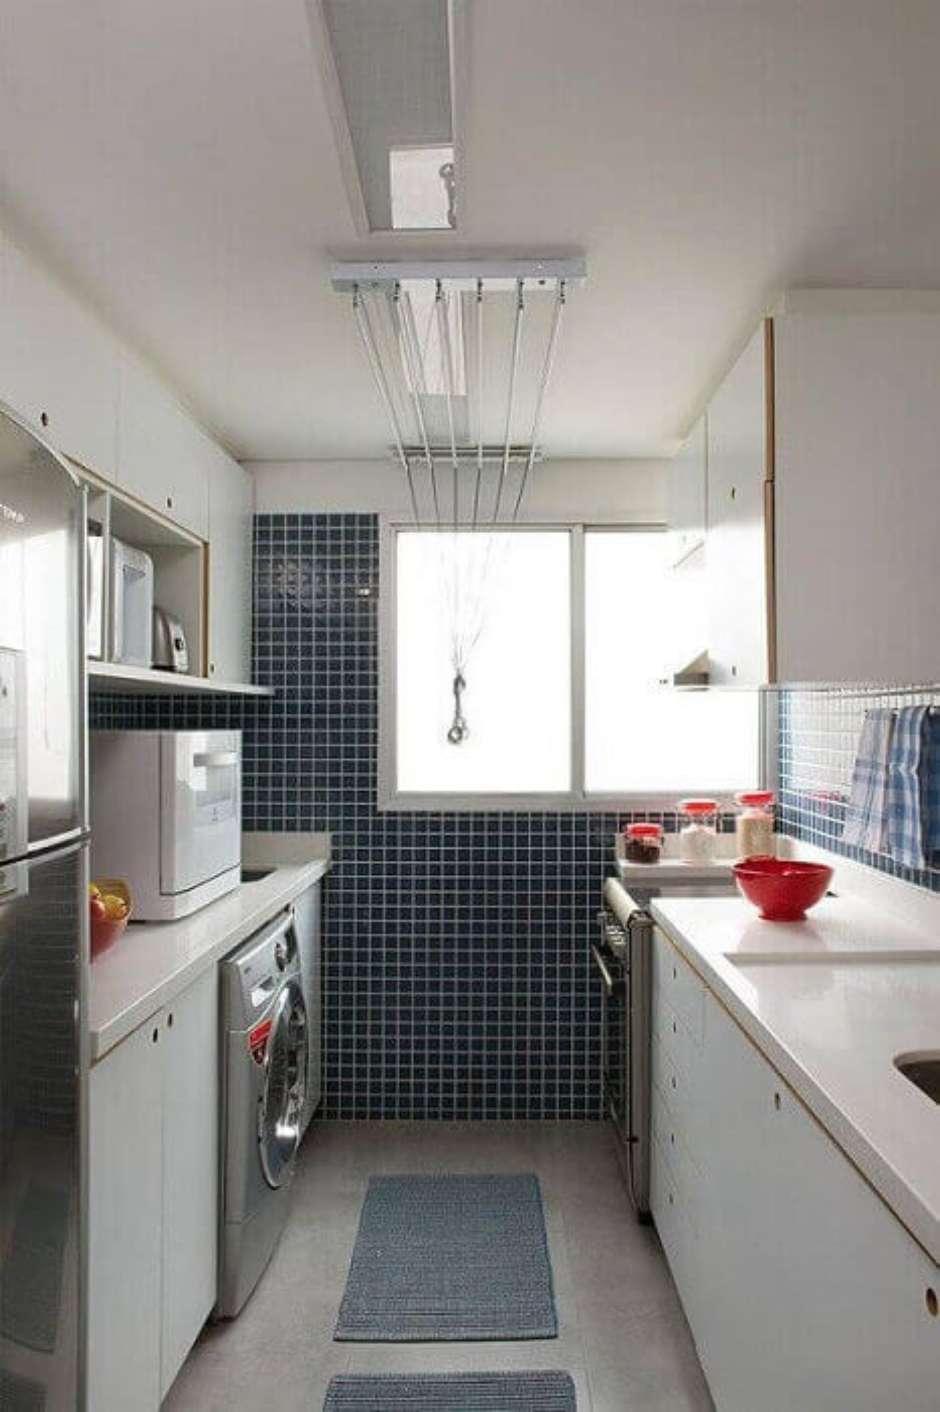 Decora O De Cozinha 40 Modelos De Decora O De Cozinha Para  ~ Cozinha Decorada Com Pastilhas